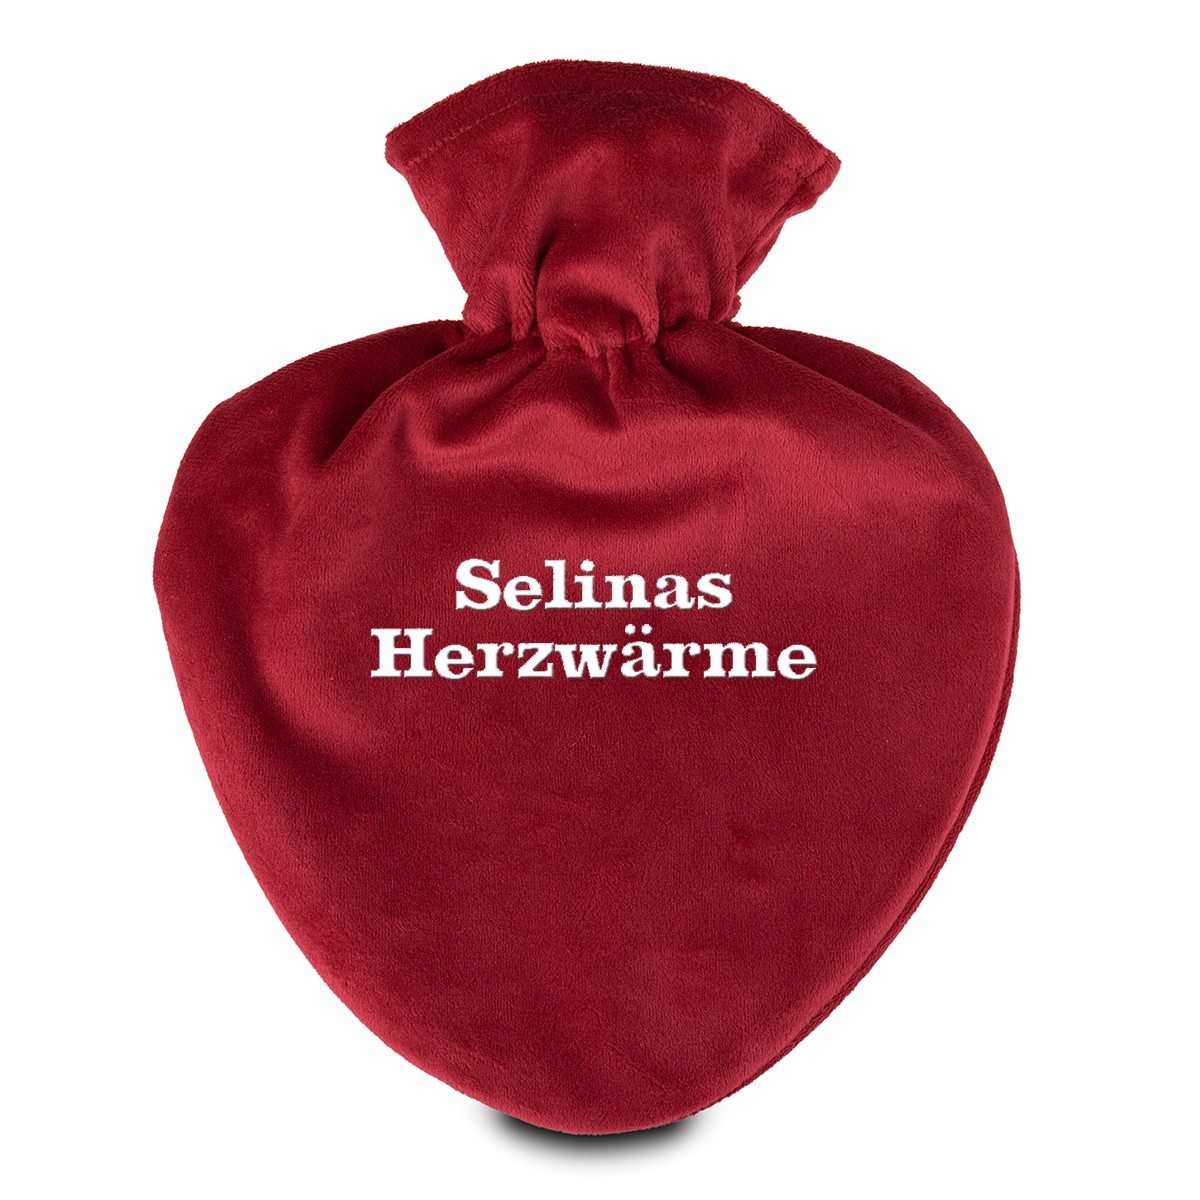 Herzwärmflasche mit Velourbezug und Namen